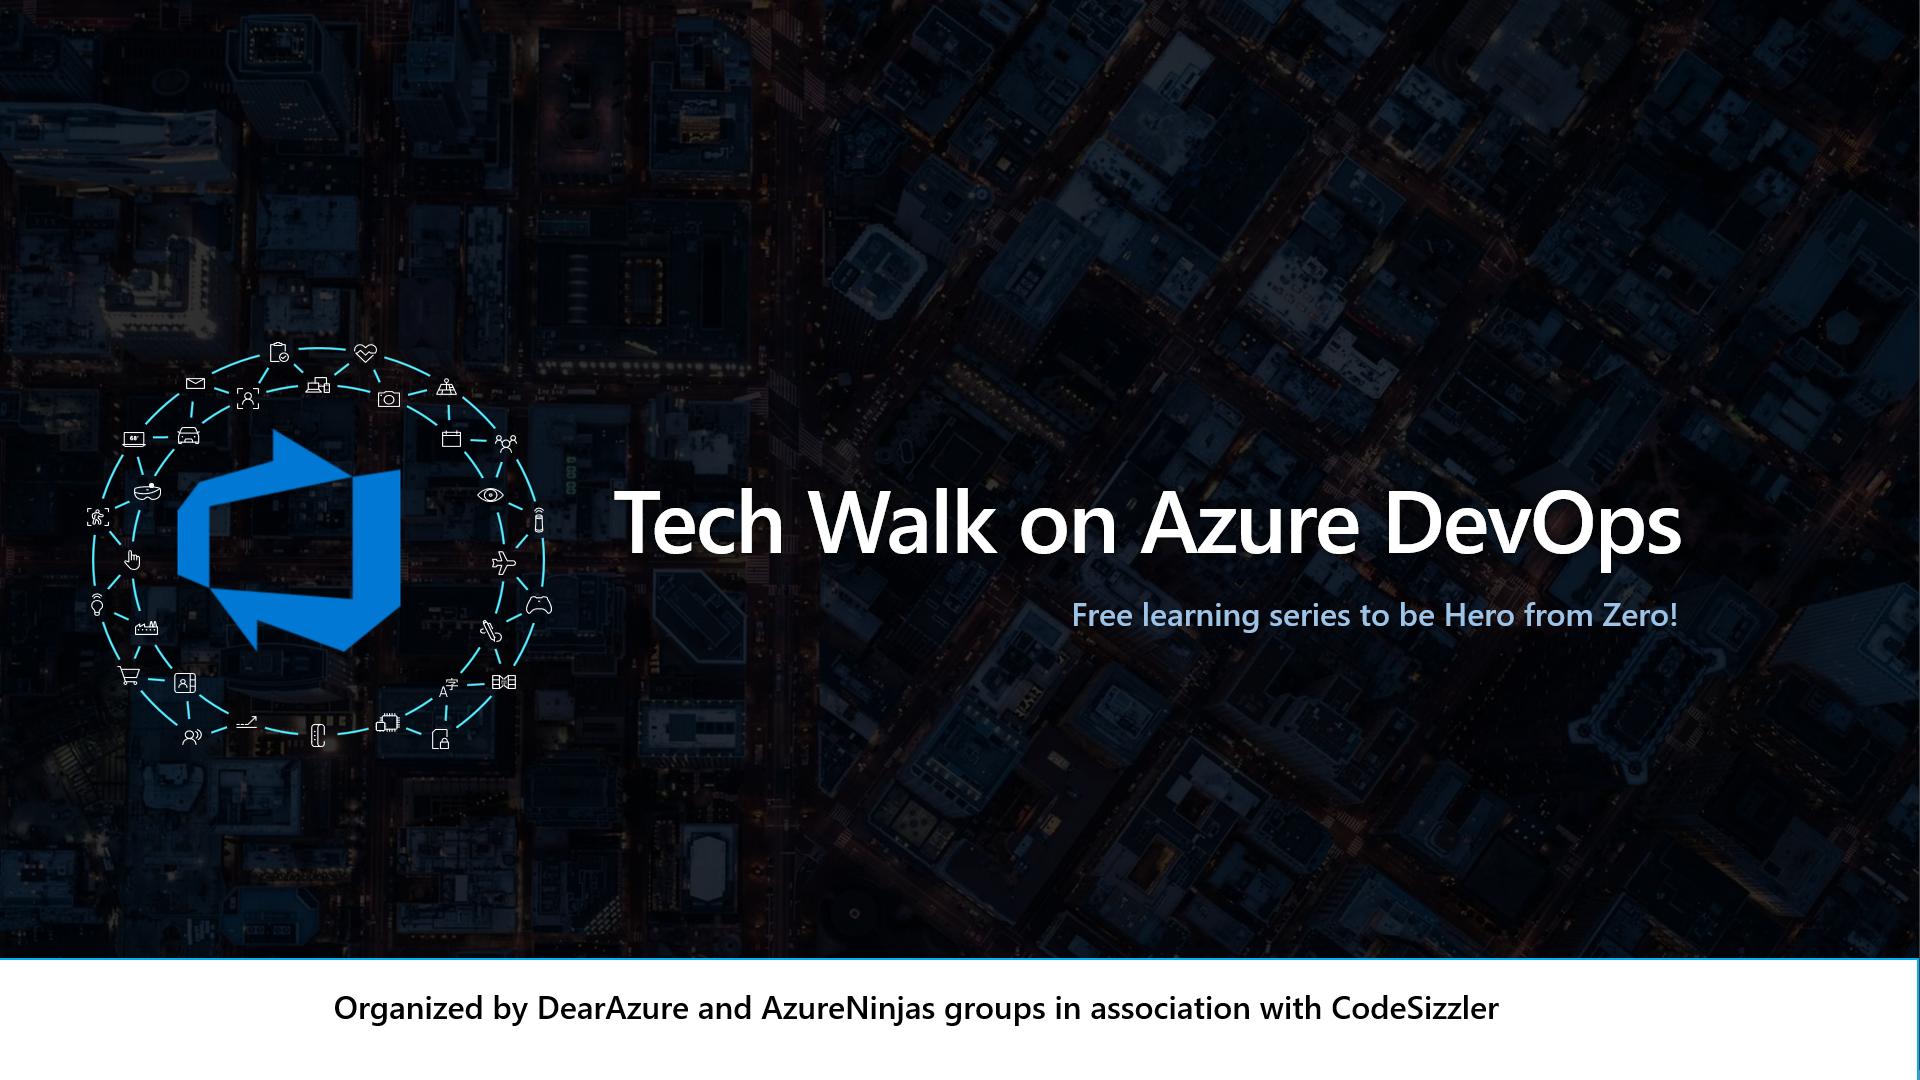 Tech Walk on Azure DevOps Virtual Event